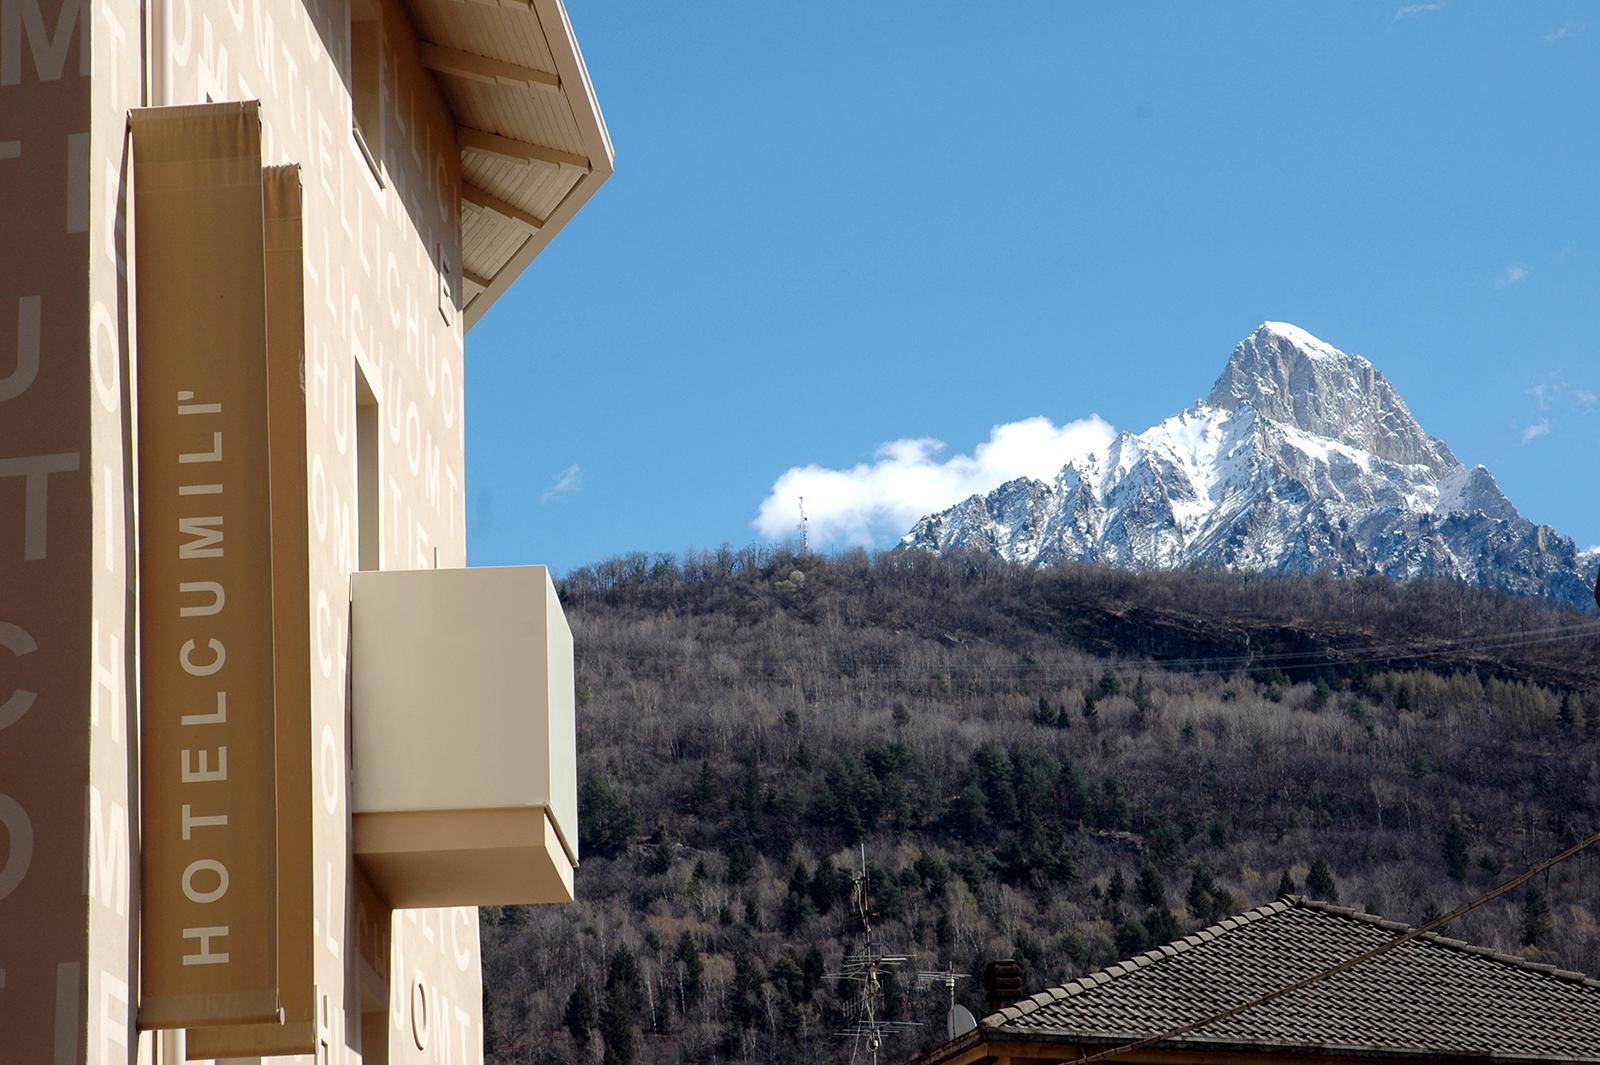 Studio-di-architettura-Baisotti-Sigala-prgetti37